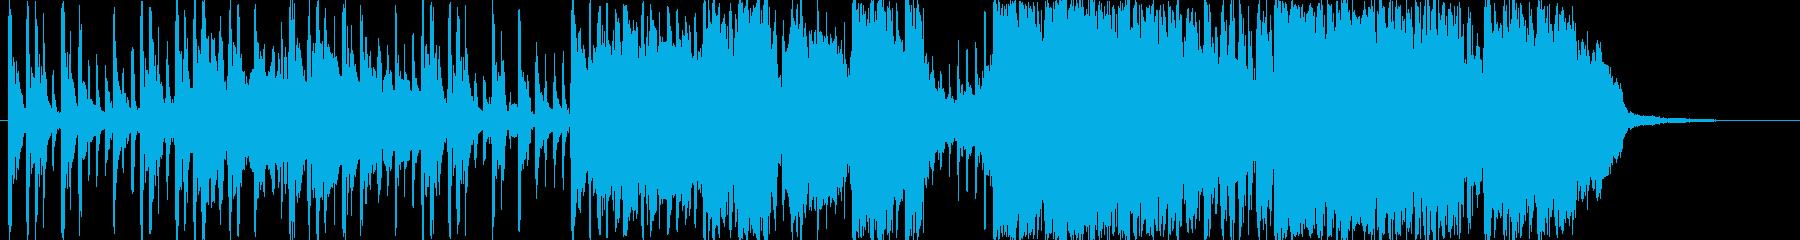 法人 サスペンス 説明的 エスニッ...の再生済みの波形